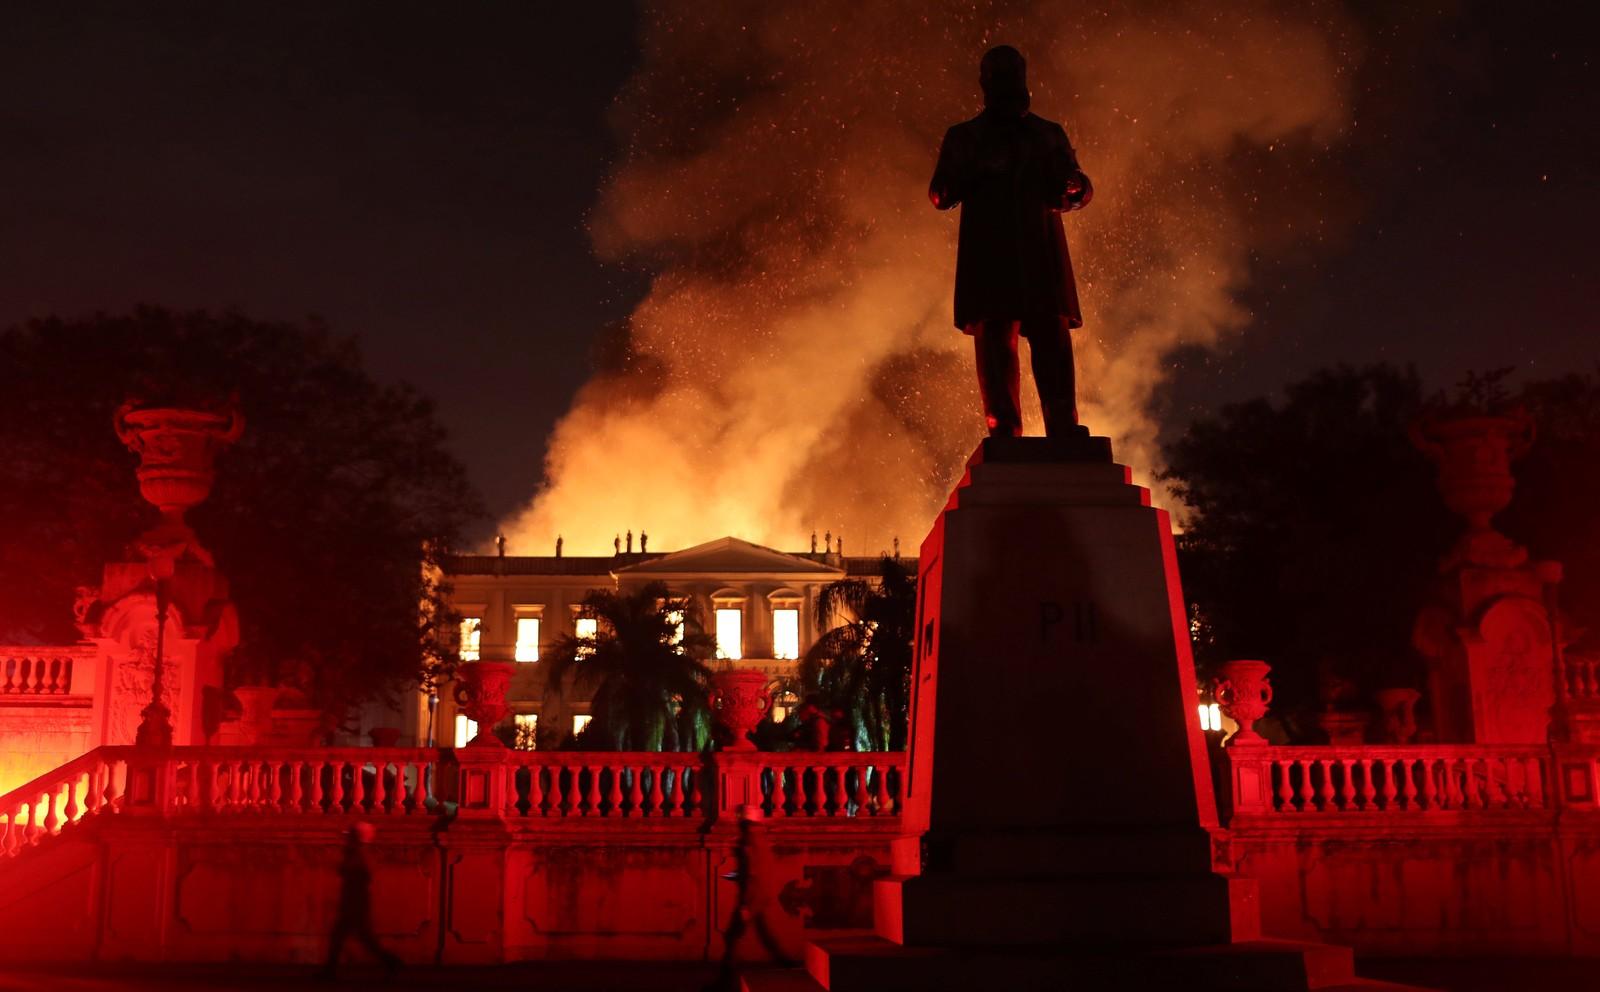 Museu Nacional destruído por incêndio de grandes proporções, na Quinta da Boa Vista